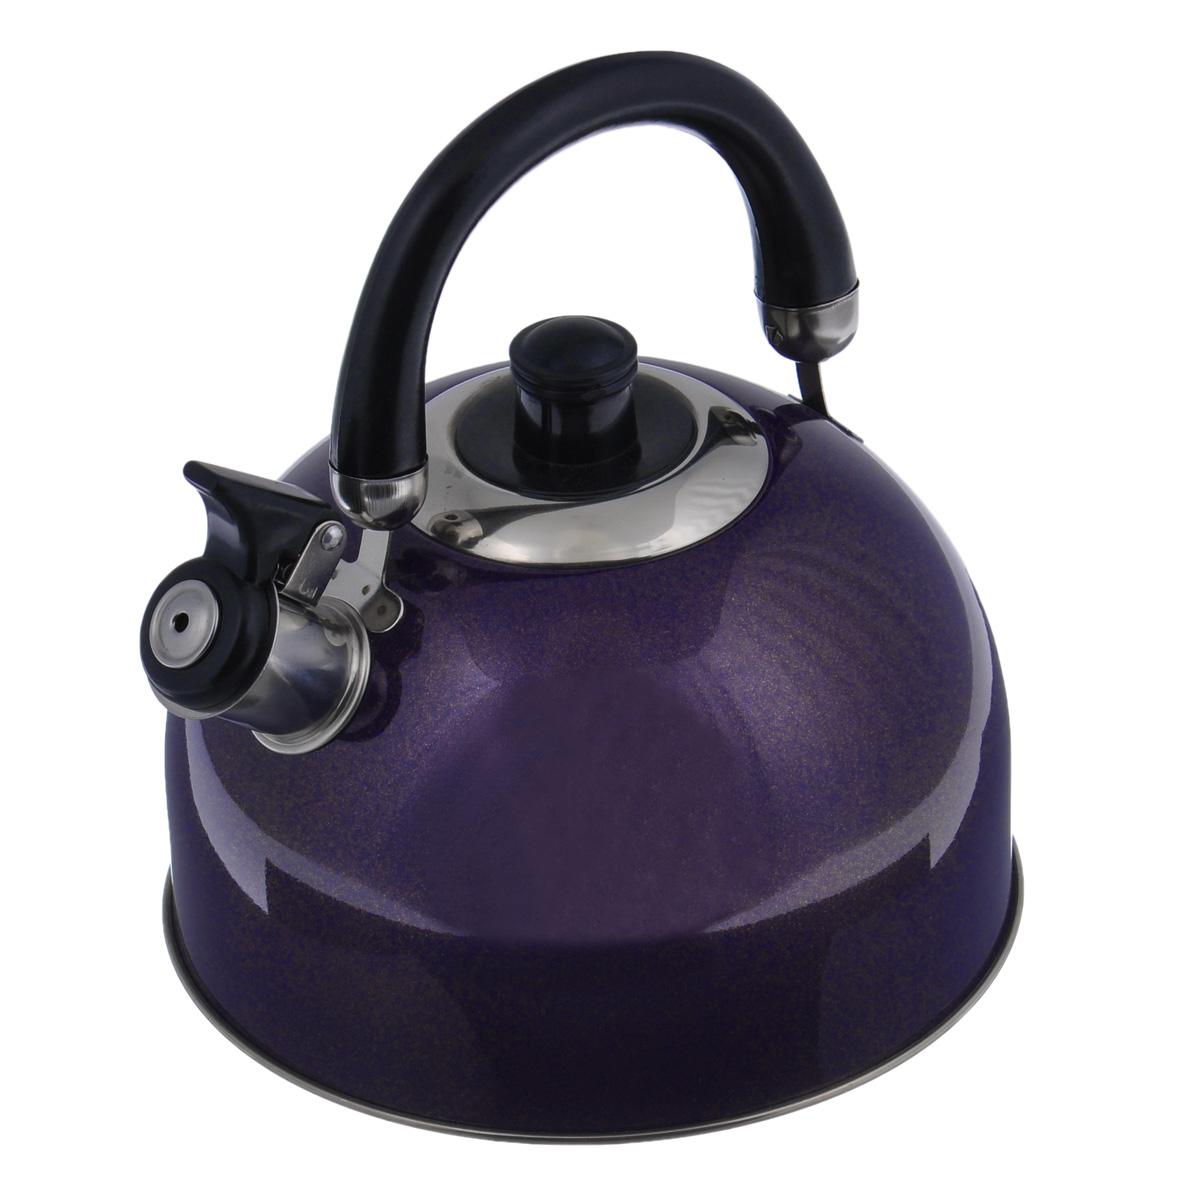 Чайник Mayer & Boch Modern со свистком, цвет: фиолетовый, 2,7 л. 23595-223595-2Чайник Mayer & Boch Modern выполнен из высококачественной нержавеющей стали, что обеспечивает долговечность использования. Внешнее цветное эмалевое покрытие придает приятный внешний вид. Подвижная ручка из бакелита делает использование чайника очень удобным и безопасным. Чайник снабжен свистком и устройством для открывания носика. Можно мыть в посудомоечной машине. Пригоден для всех видов плит, включая индукционные. Высота чайника (без учета крышки и ручки): 11,5 см. Диаметр основания: 20 см.